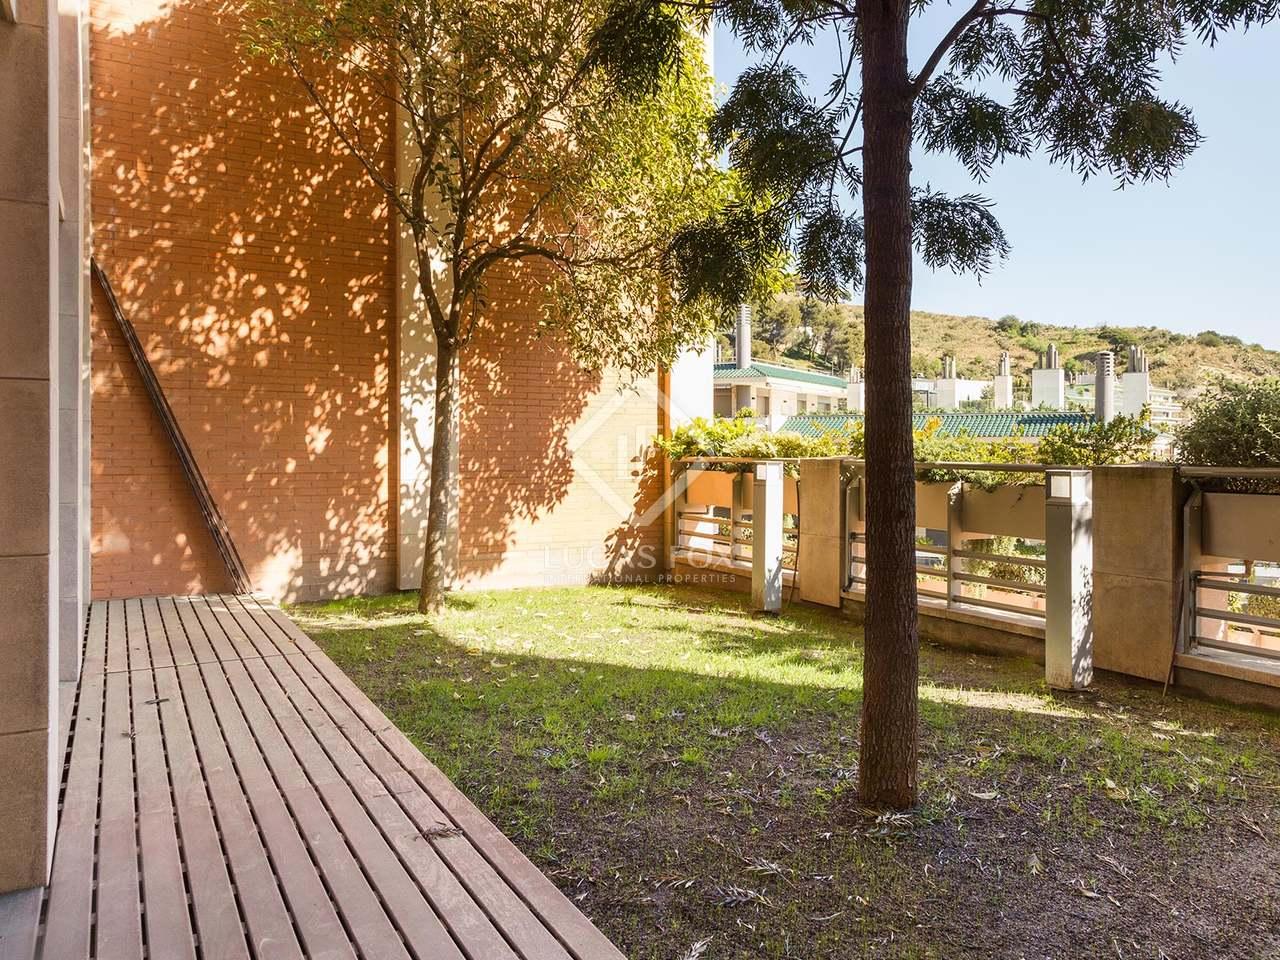 Preciosa casa en alquiler en la zona alta de barcelona for Alquiler casa jardin barcelona